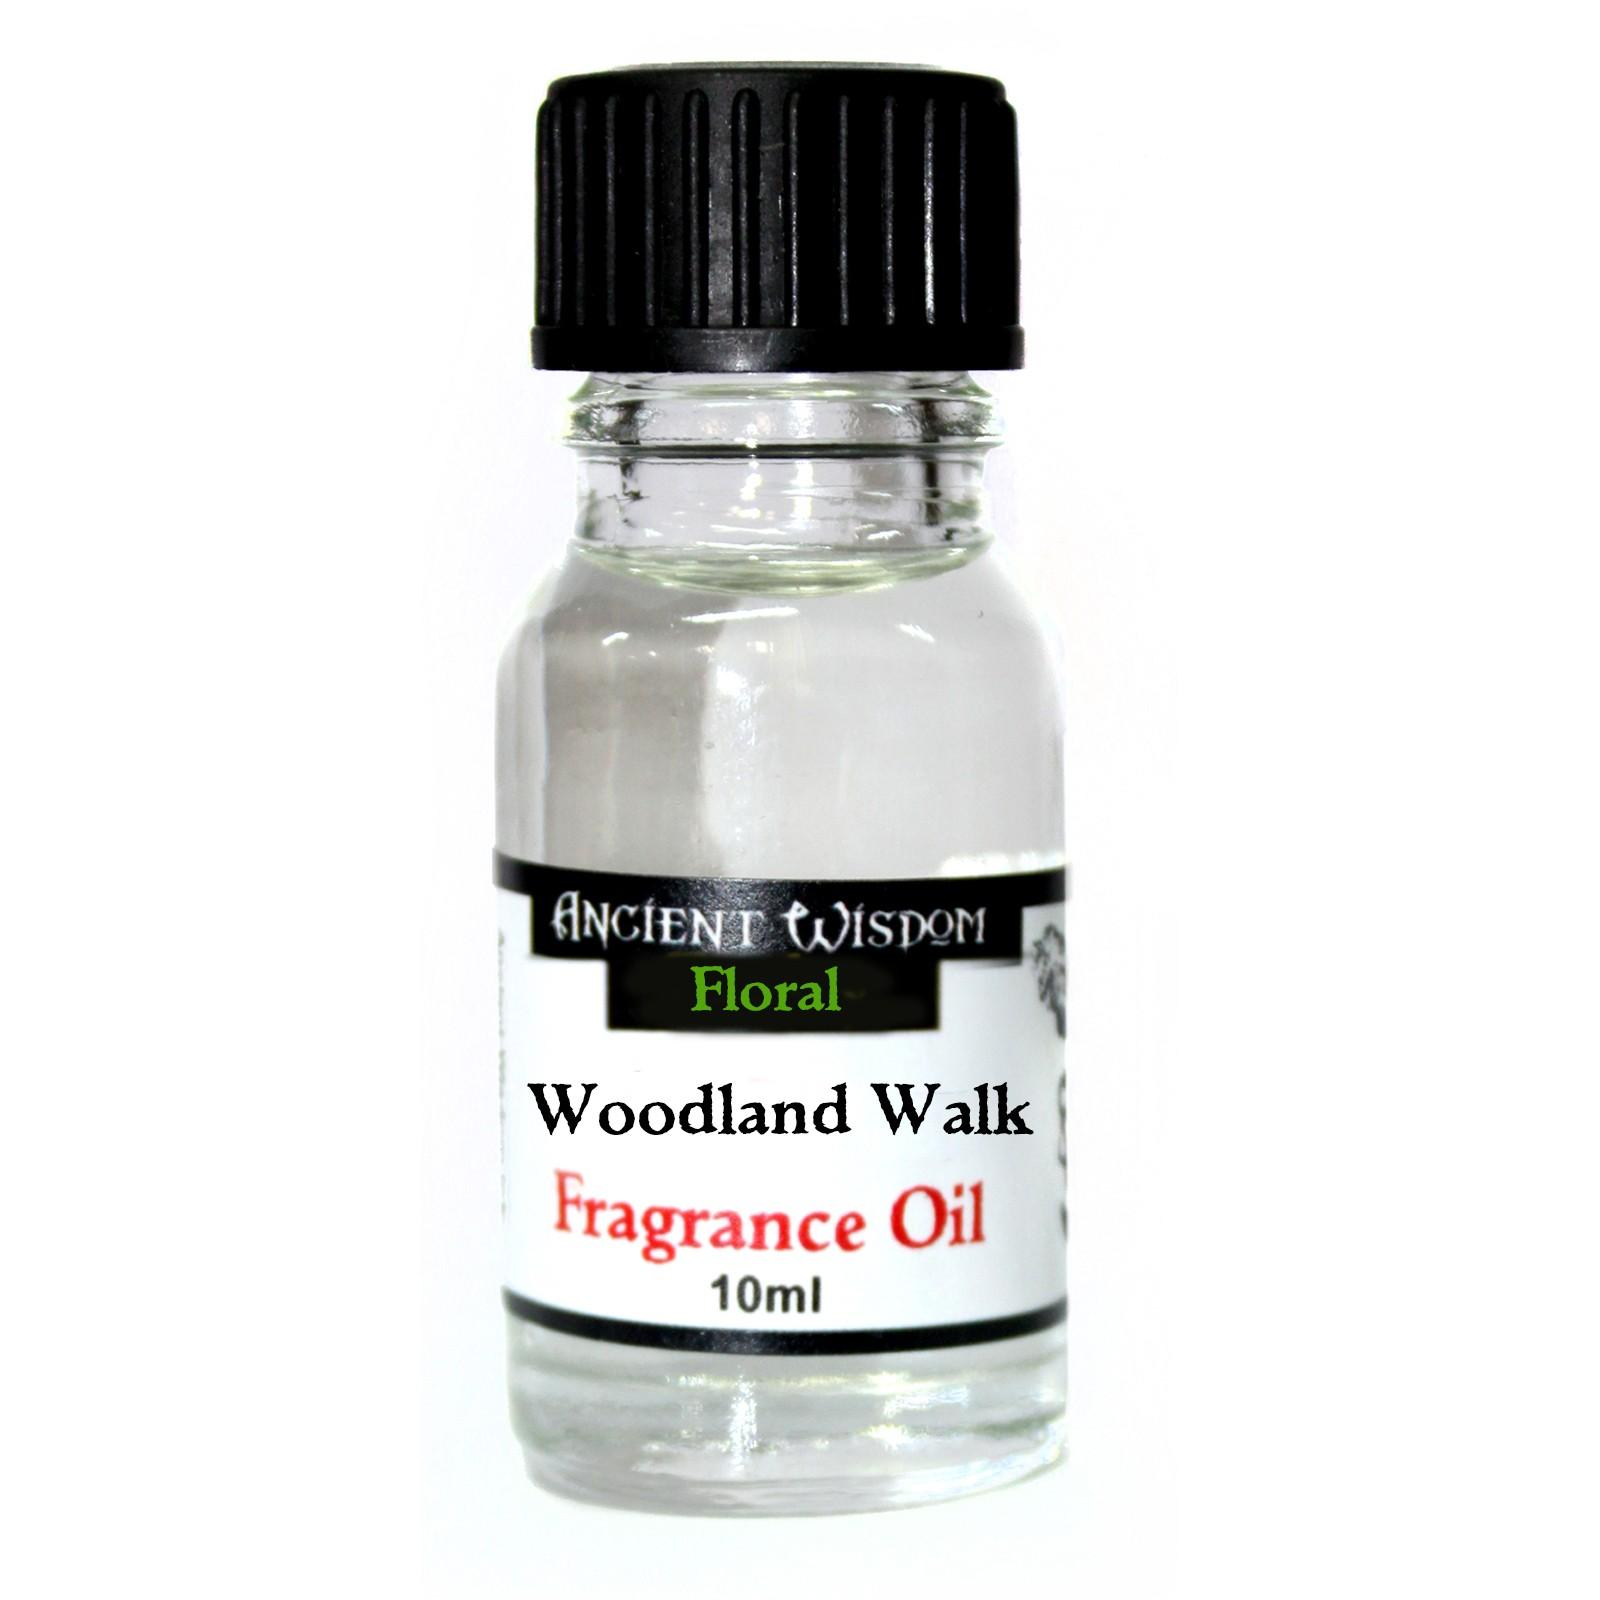 10ml Woodland Walk Fragrance Oil